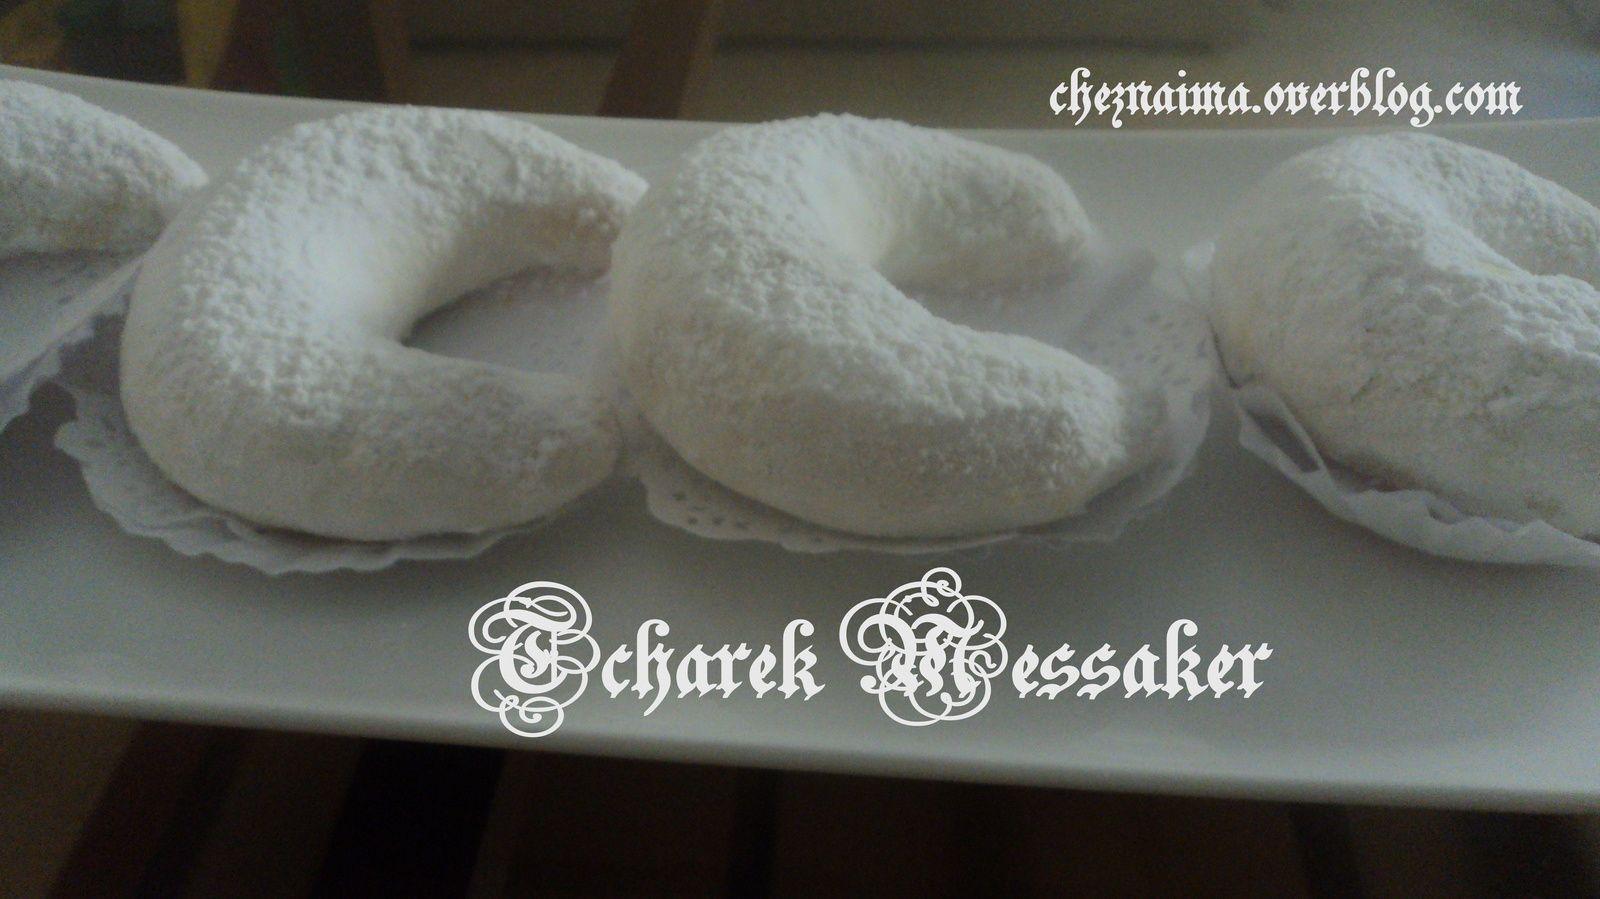 Tcharek Messaker